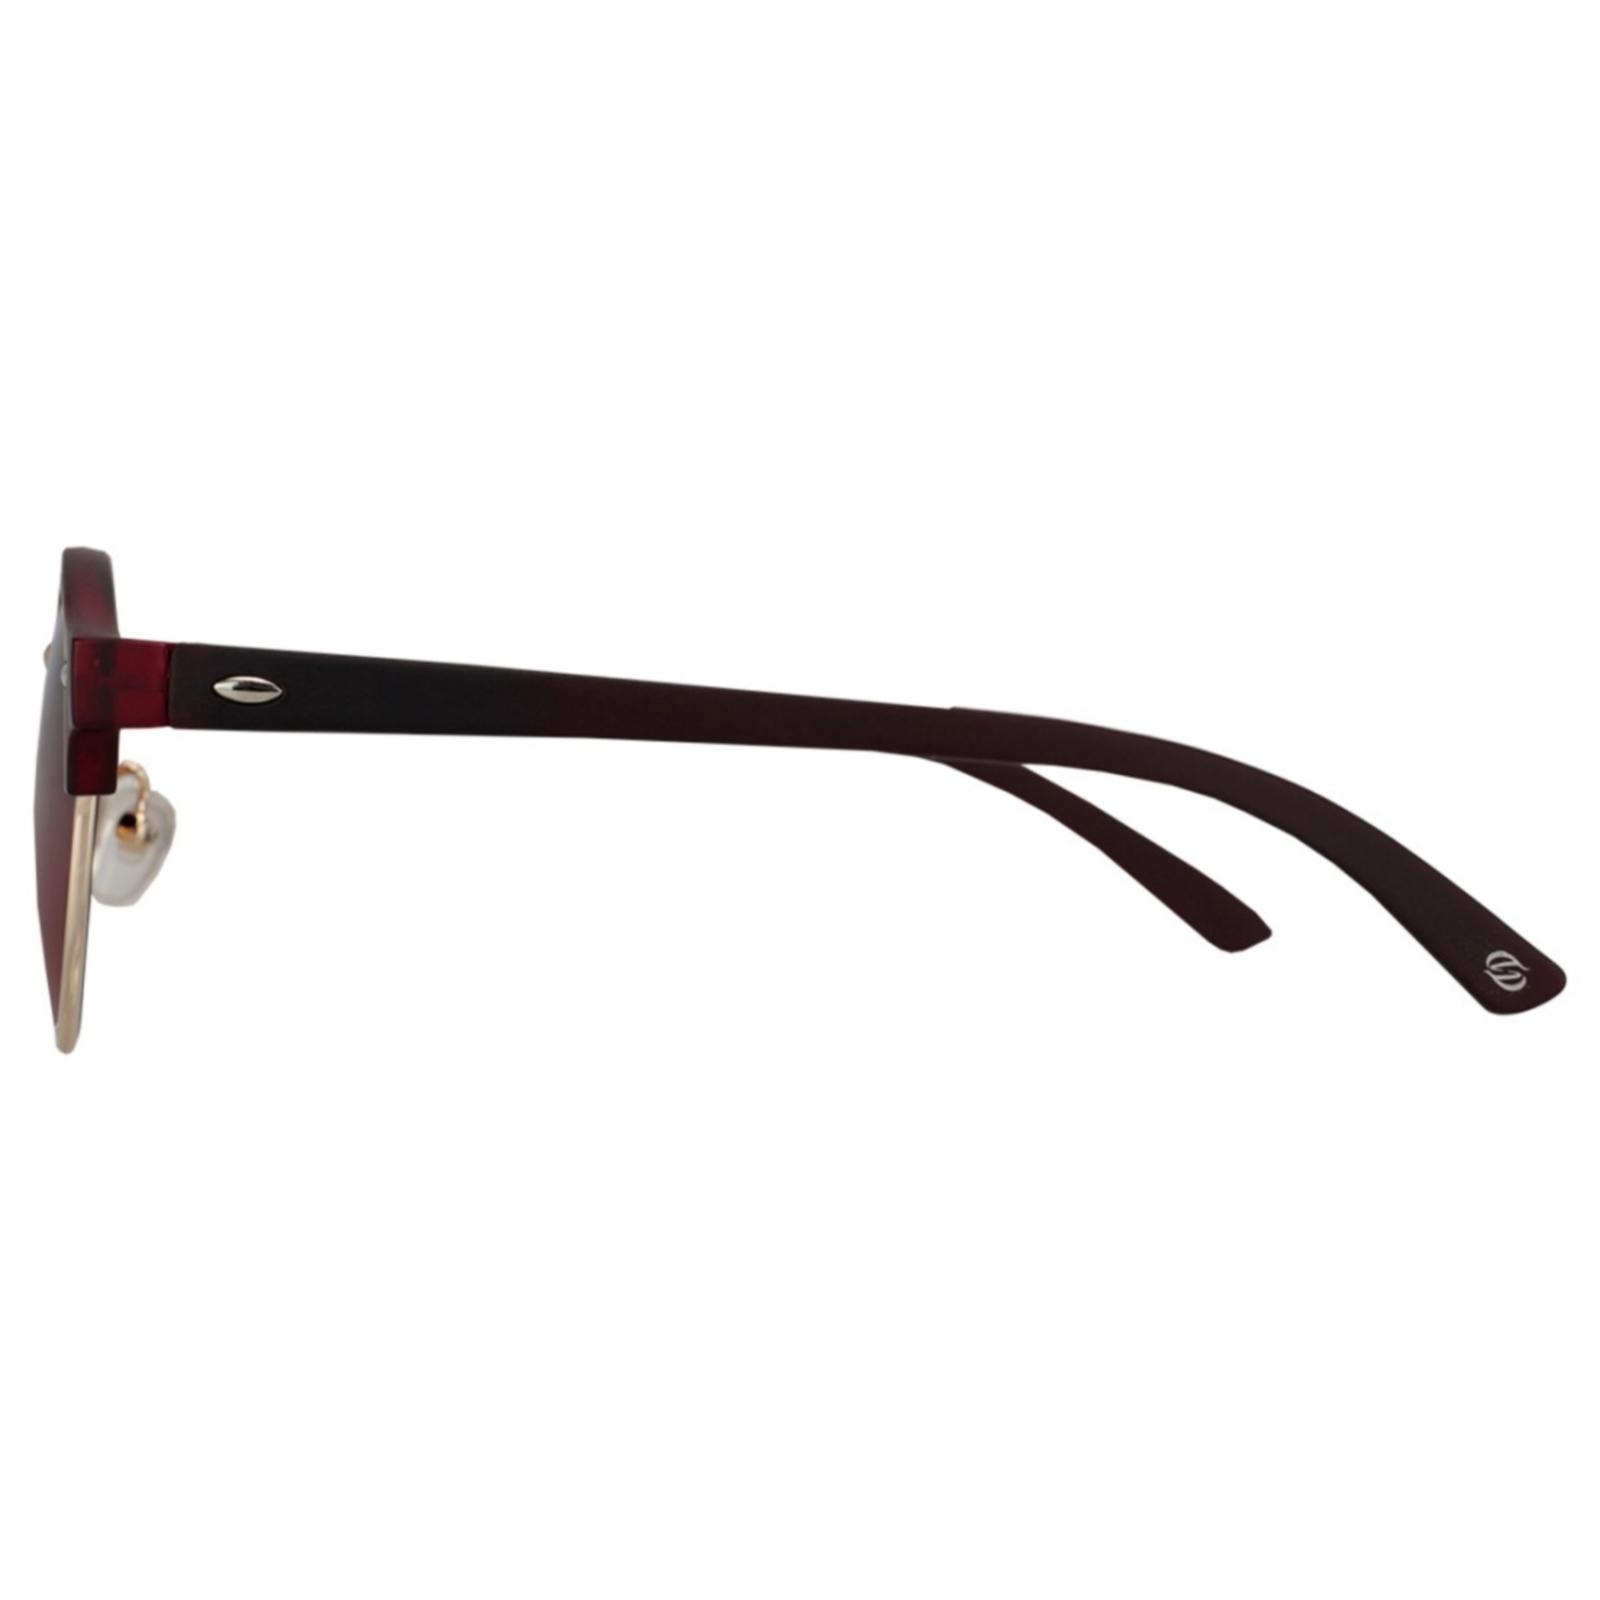 Óculos De Sol Tilit Unissex Acetato Redondo Clubmaster - Marrom